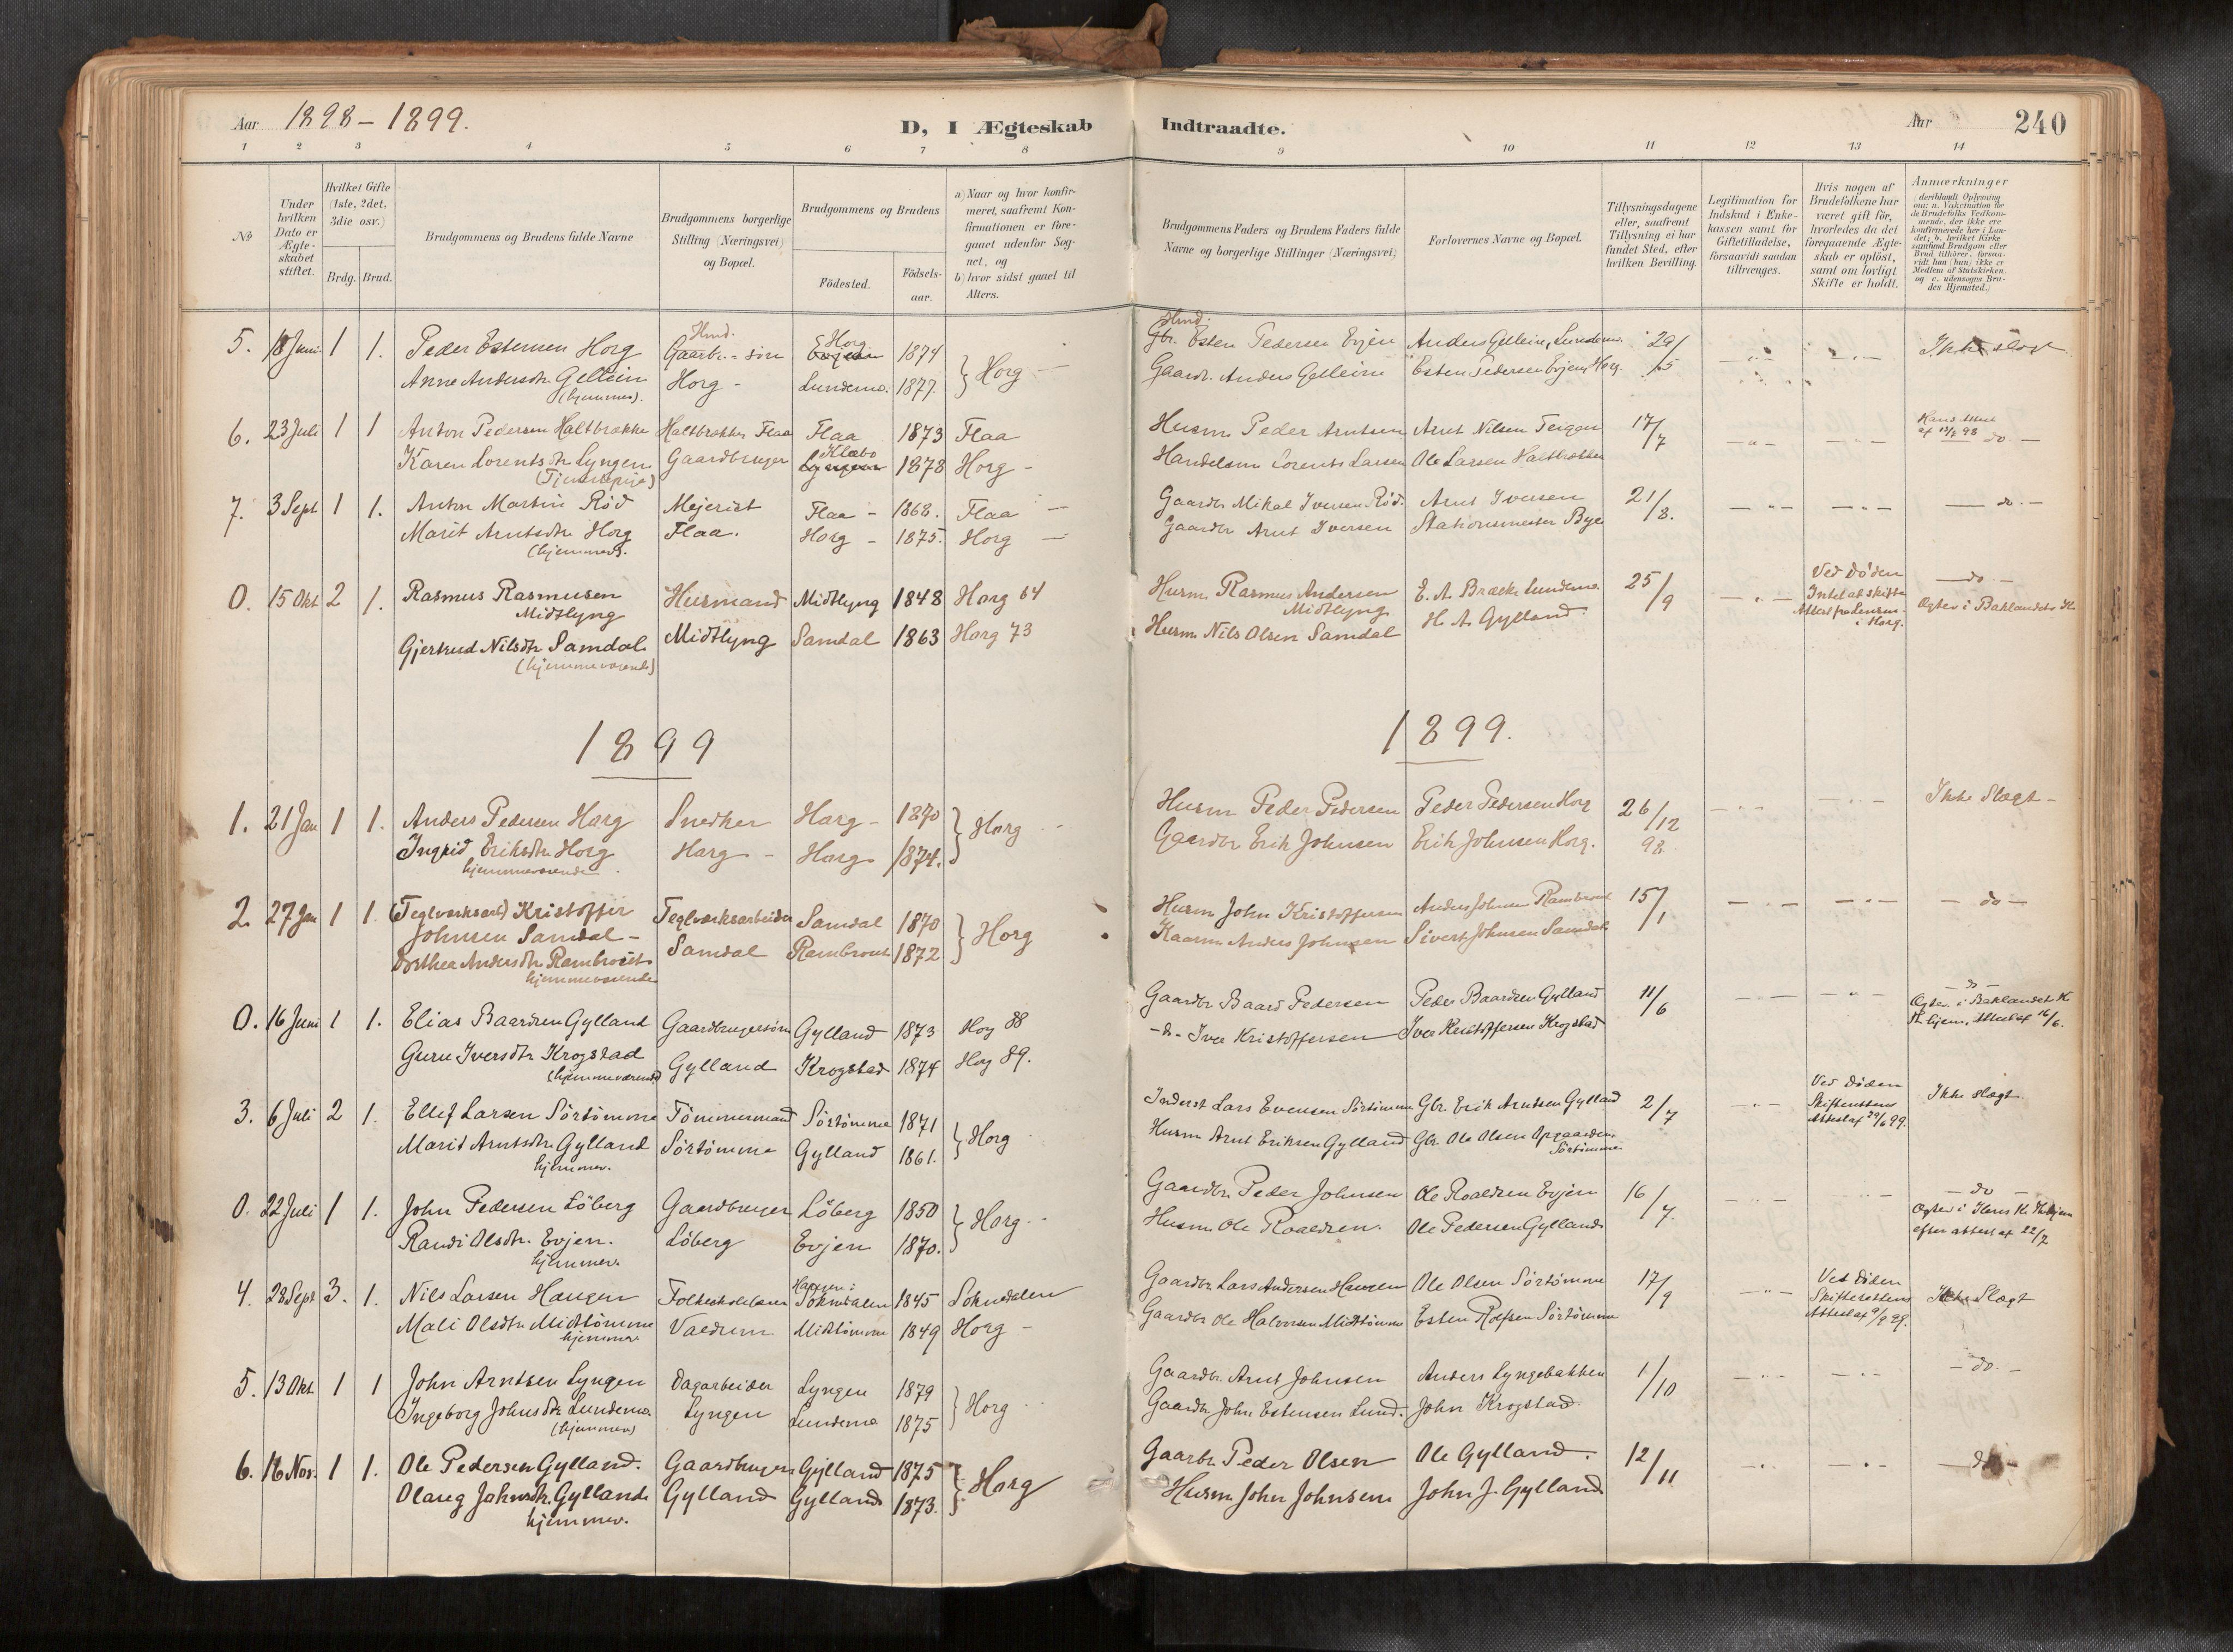 SAT, Ministerialprotokoller, klokkerbøker og fødselsregistre - Sør-Trøndelag, 692/L1105b: Ministerialbok nr. 692A06, 1891-1934, s. 240